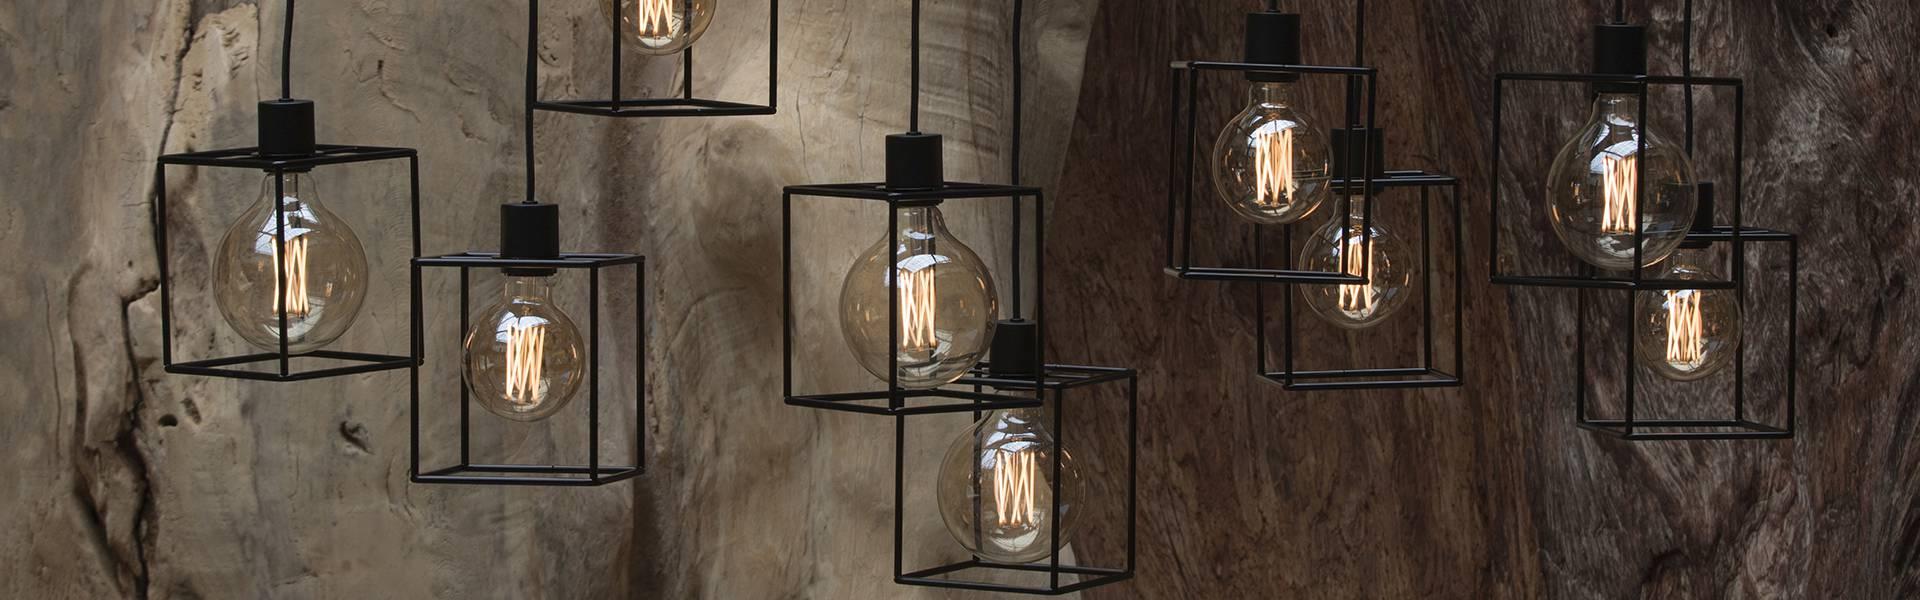 claire-tondeleir-design-verlichting